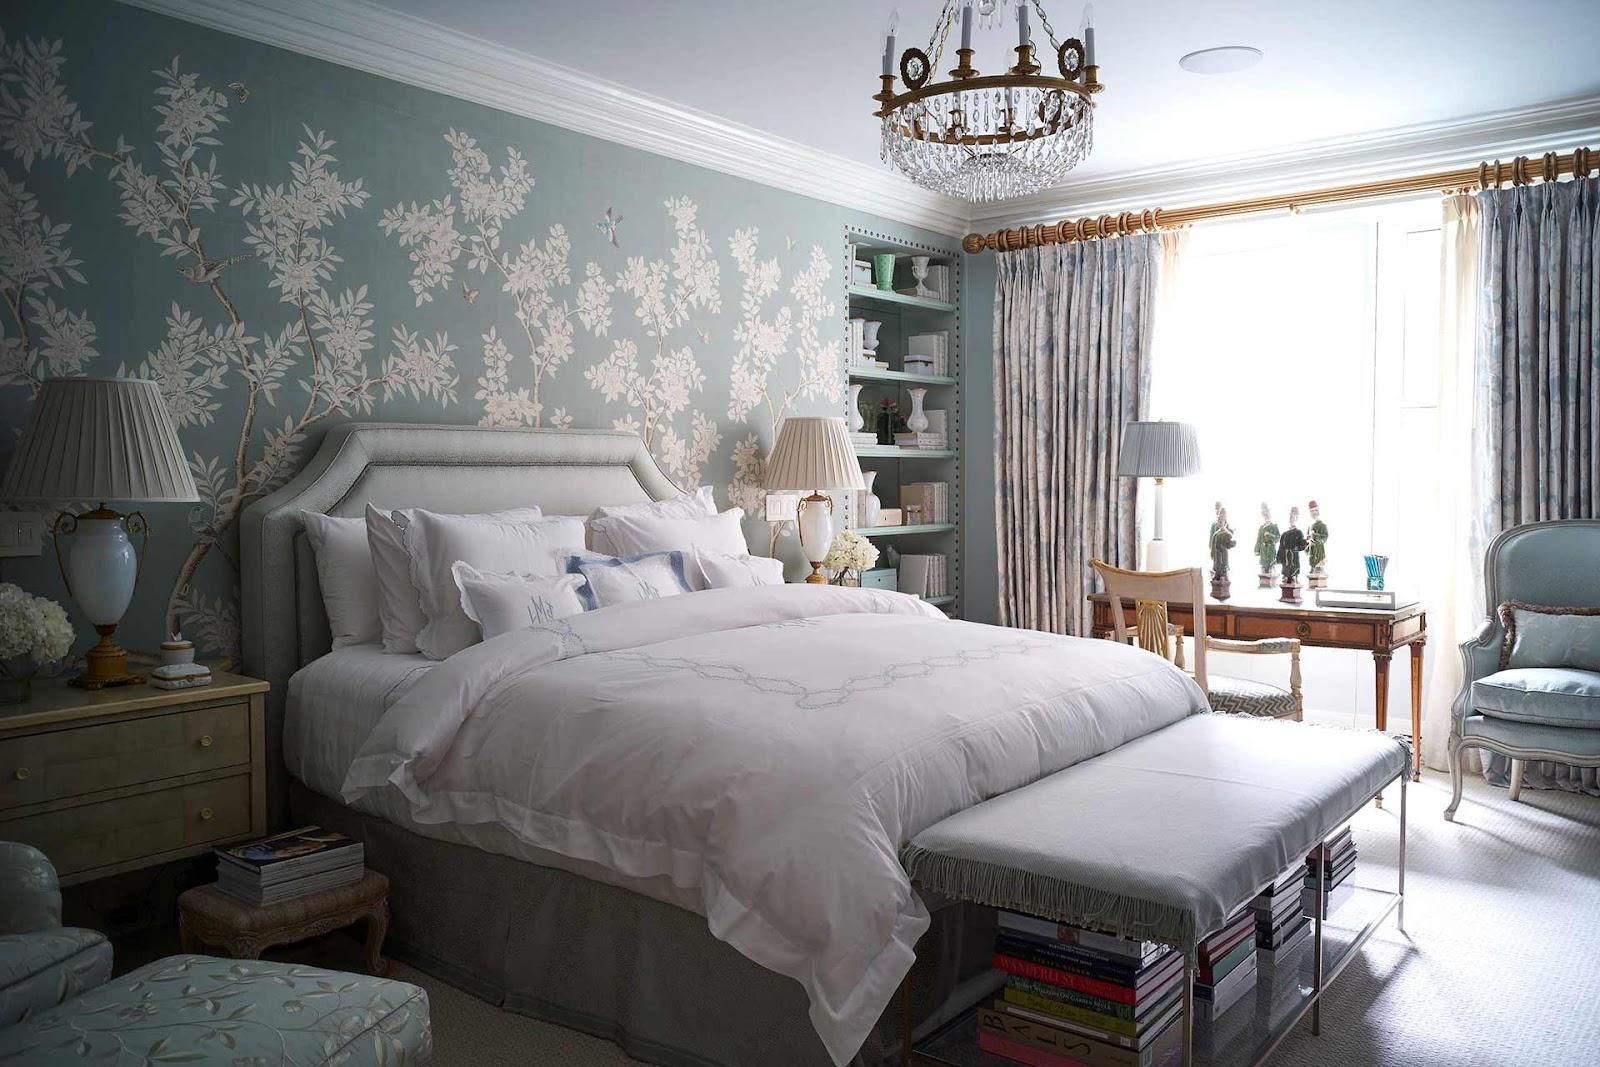 Quarto com cama de casal, papel de parede, abajur e poltronas.